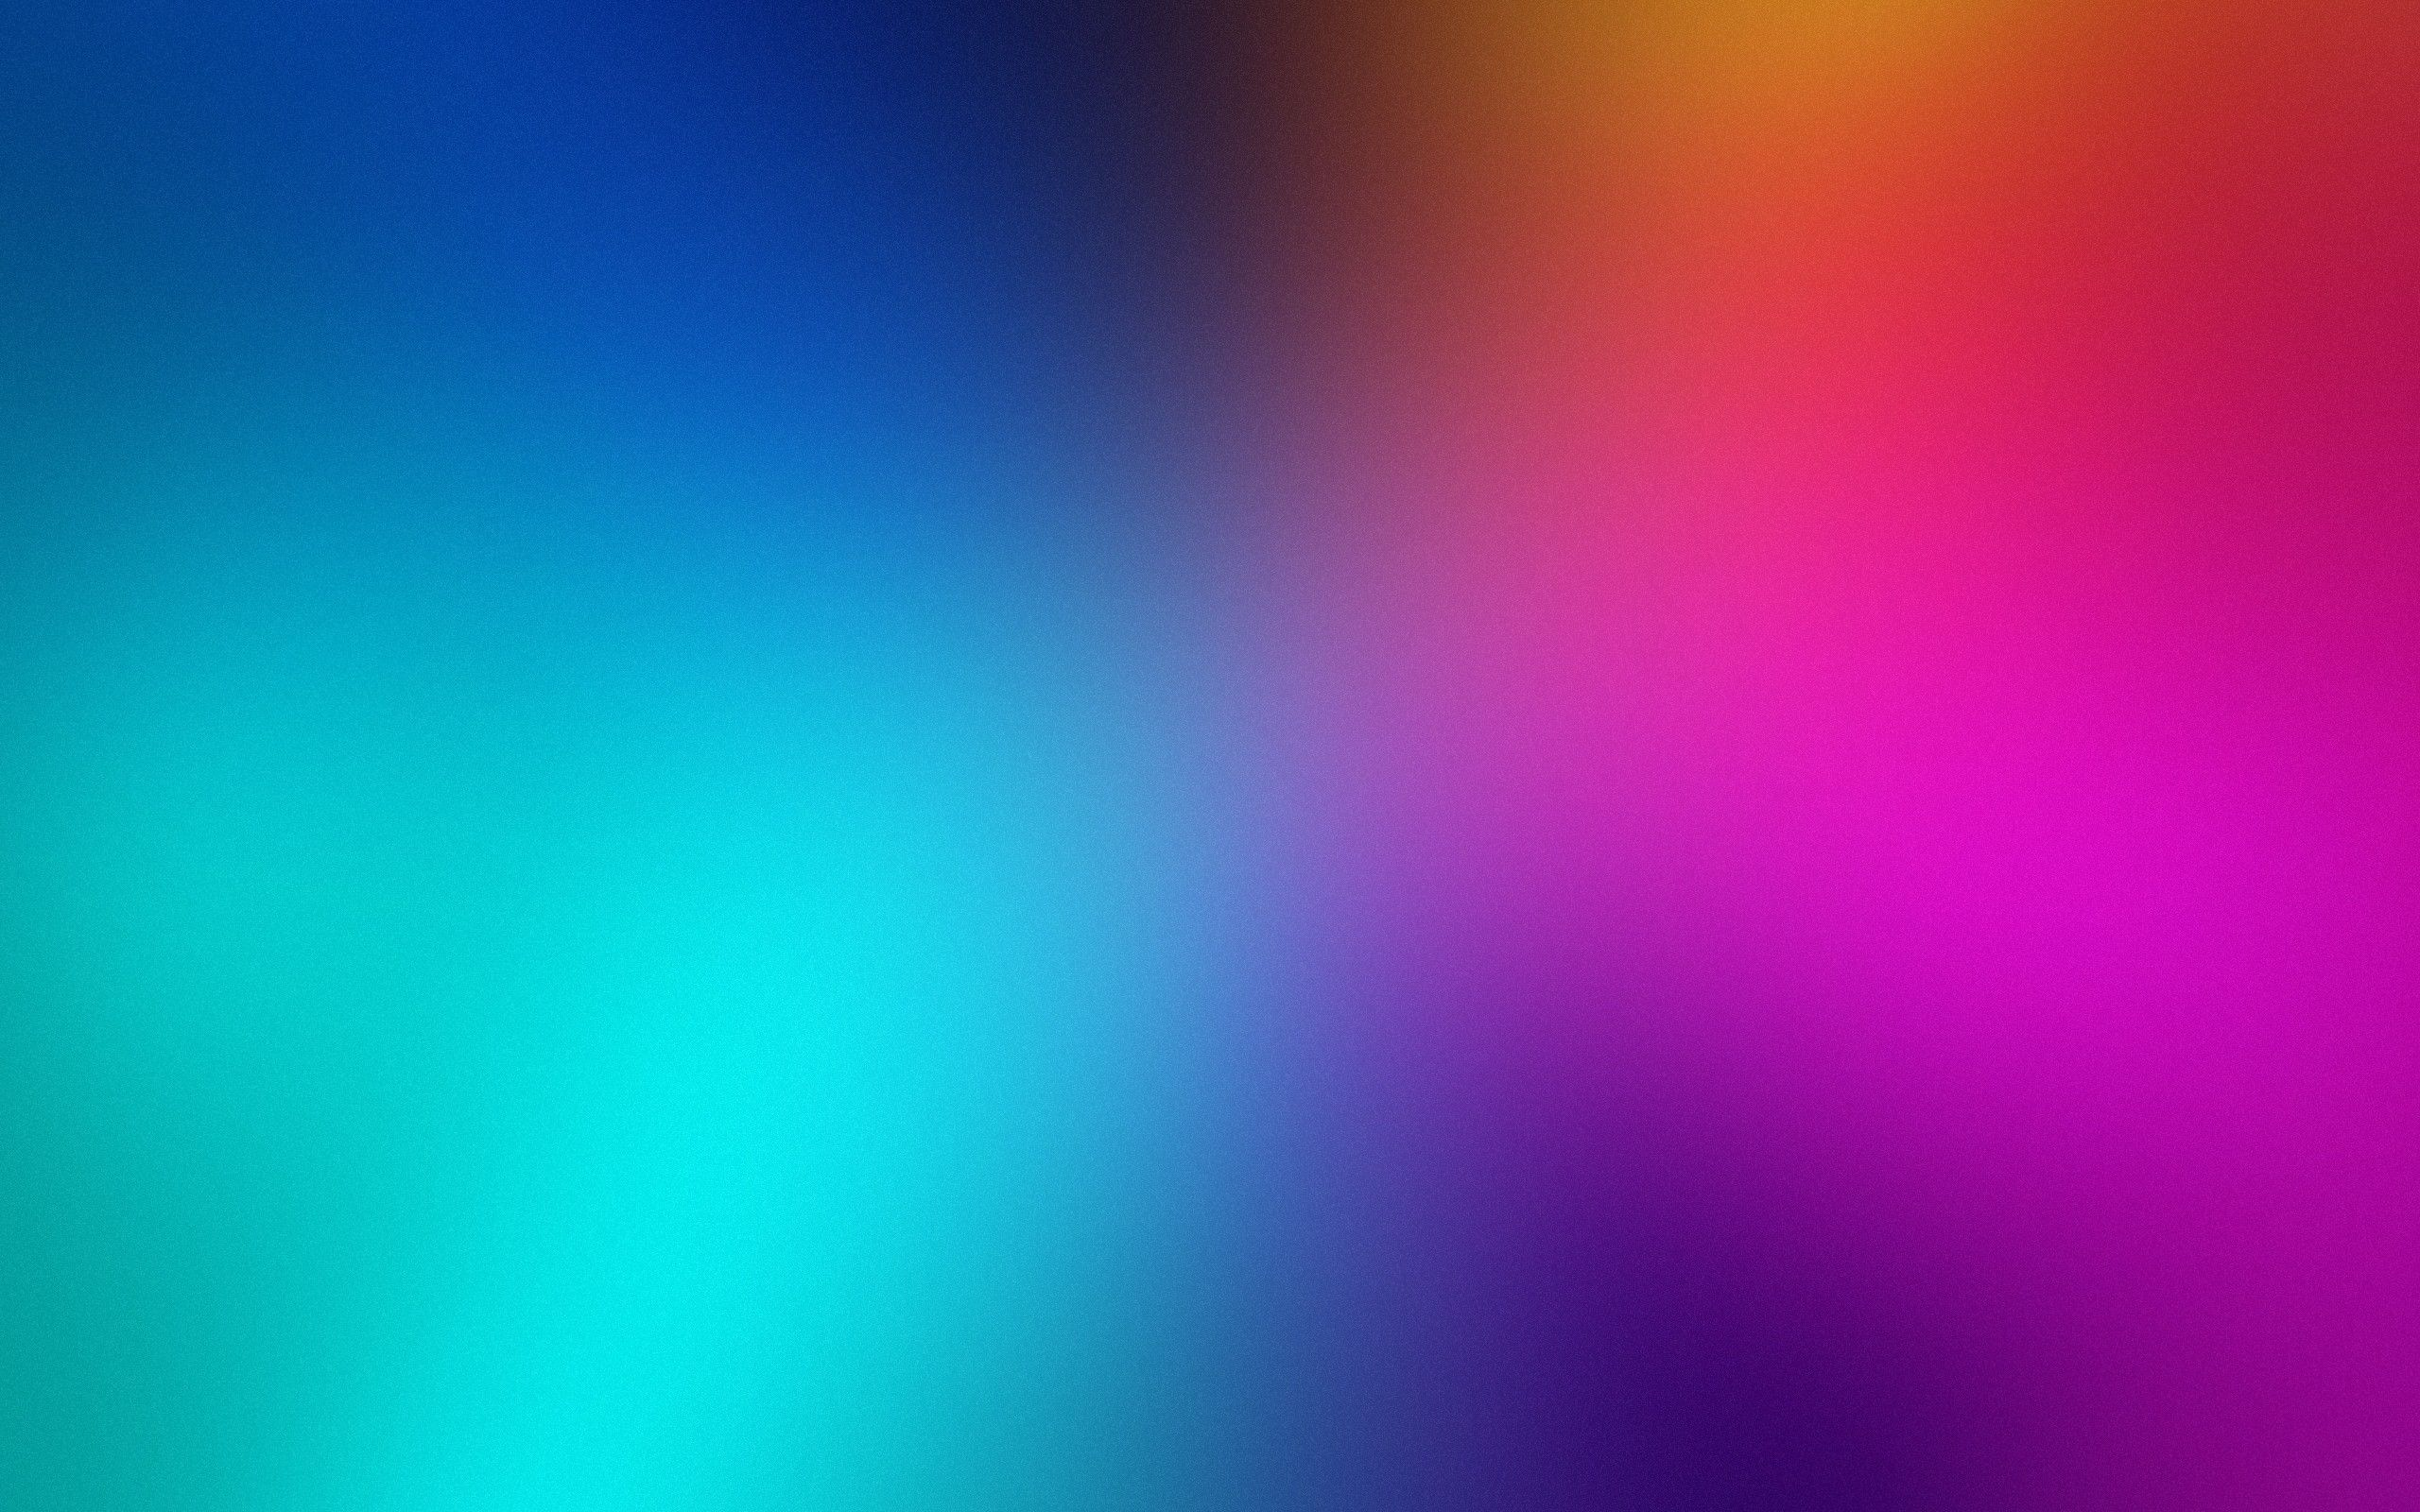 Fondos Para Pantalla: Fondos Abstractos De Colores Para Fondo De Pantalla En Hd